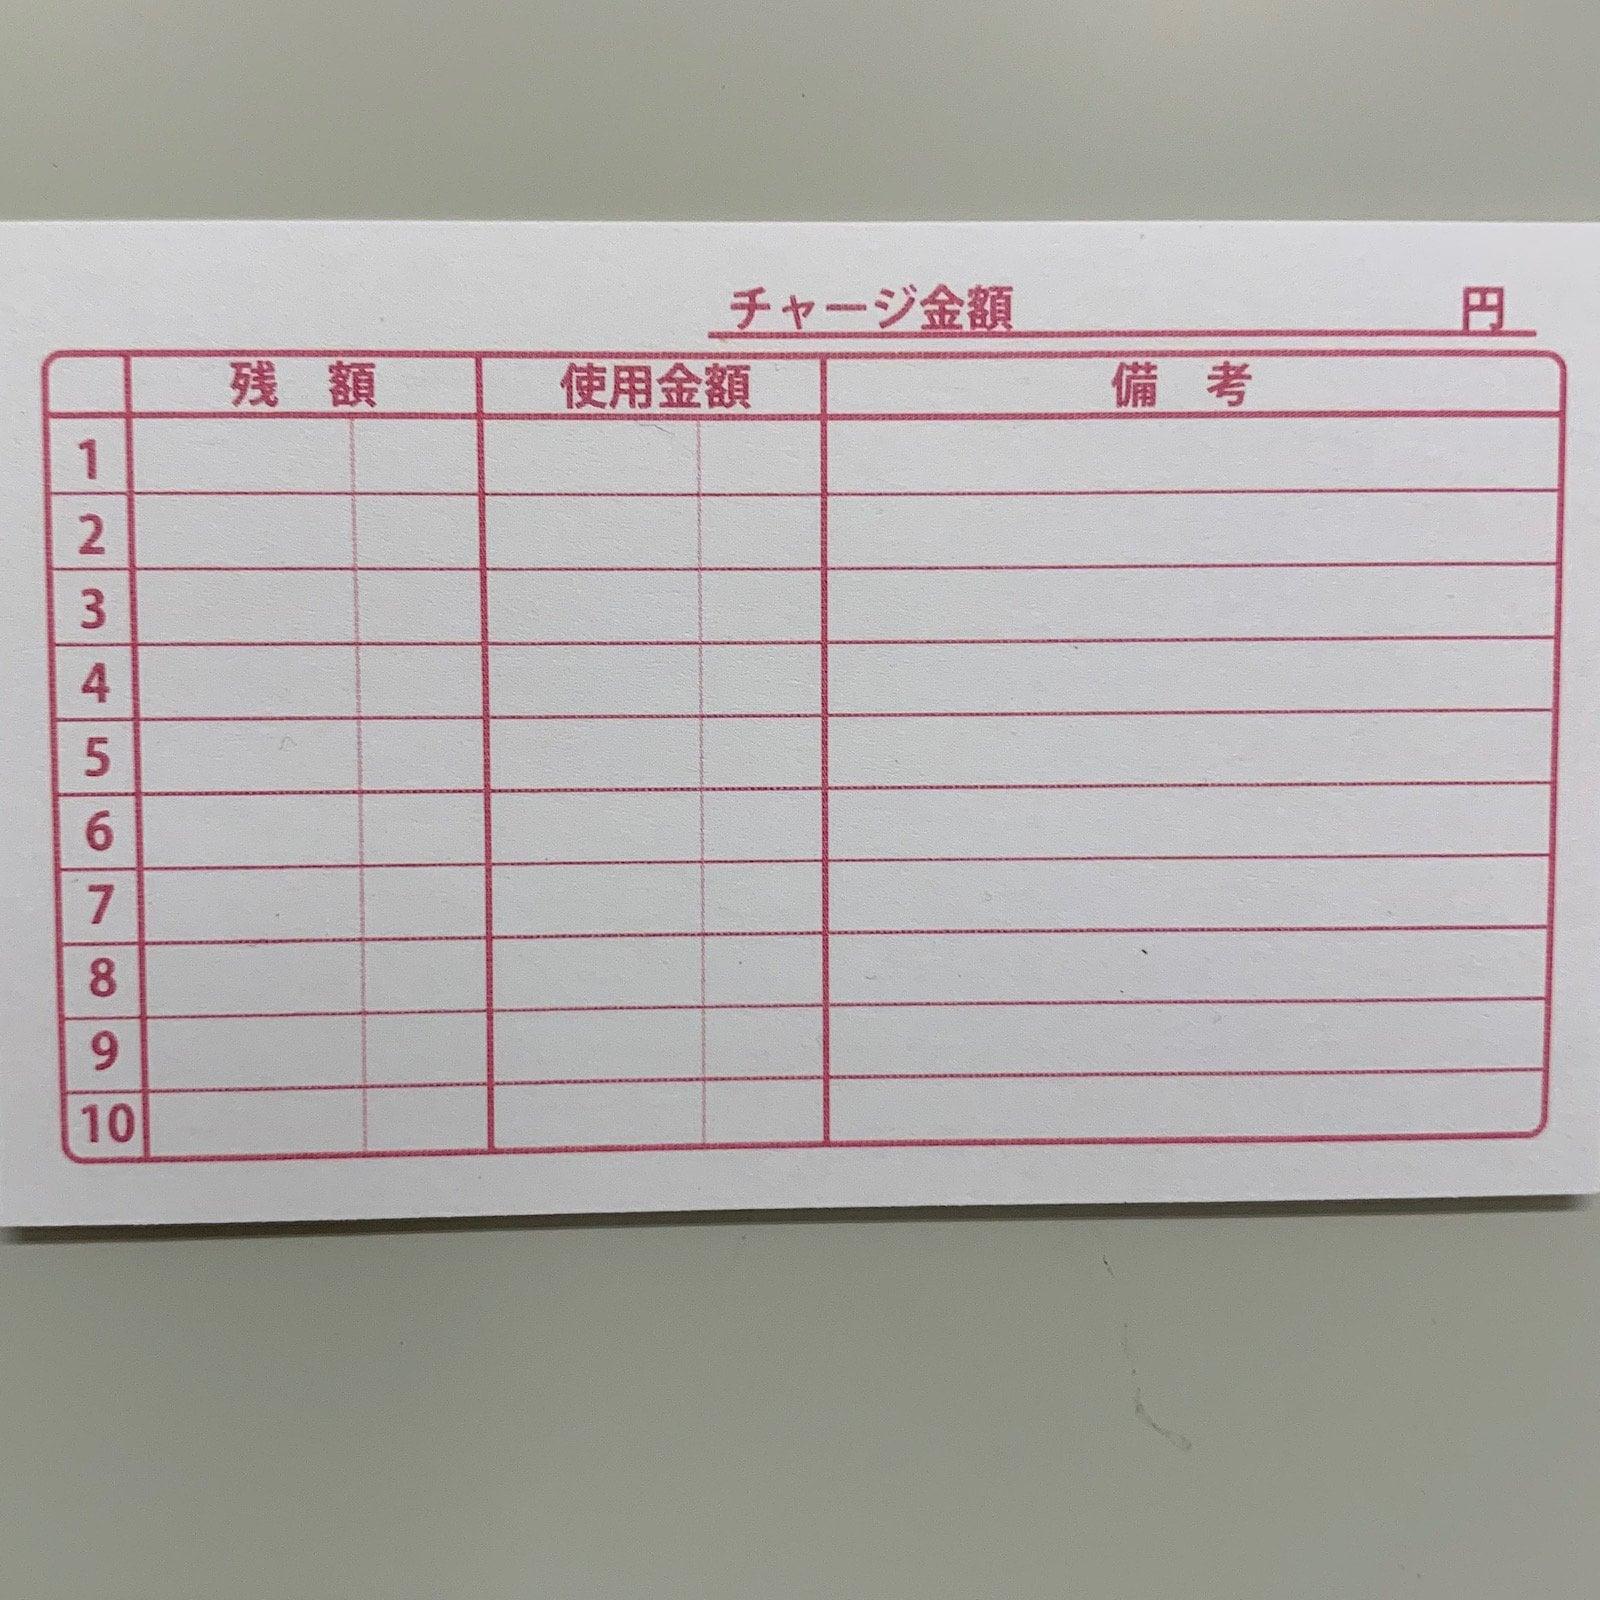 【店頭払い専用】【継続割引専用】【メルマガ会員様限定】プリペイドカードのイメージその2